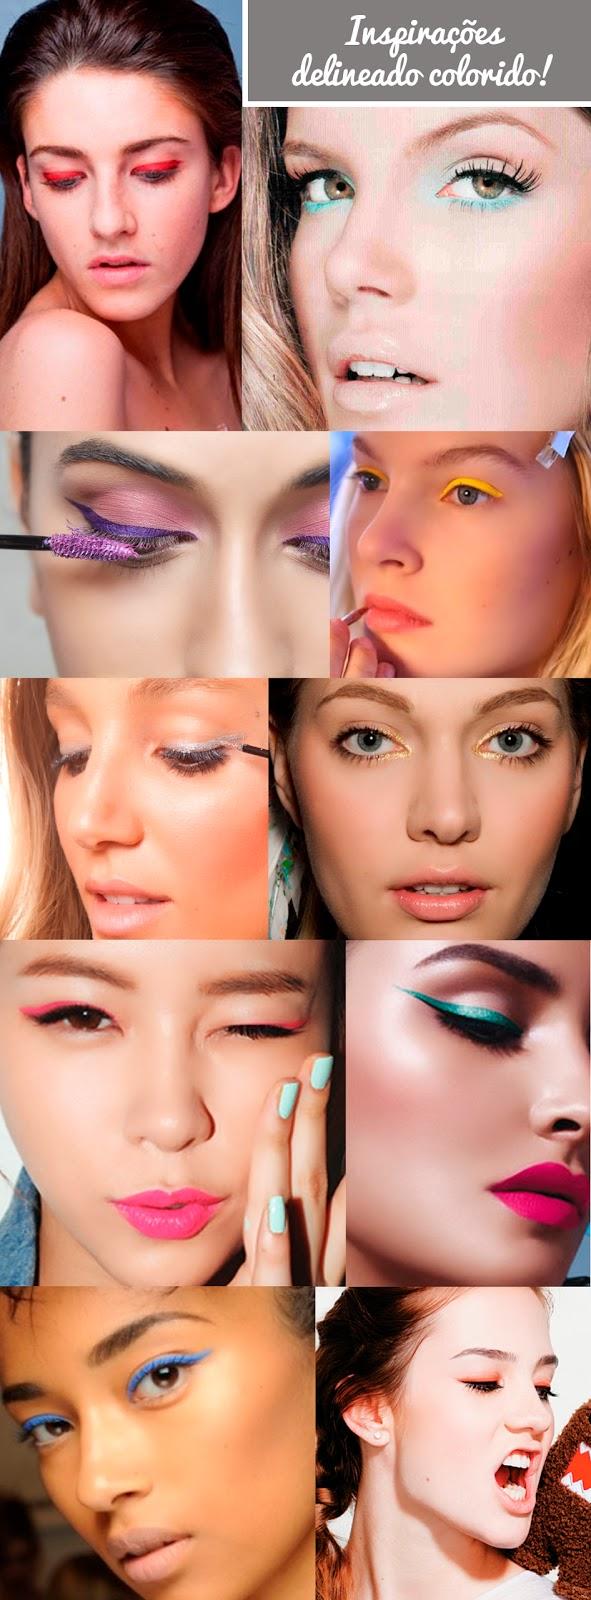 cores, azul, turquesa, dourado, rosa, prata, amarelo, roxo, laranjado, verde, olho gatinho, maquiagem, inpiração